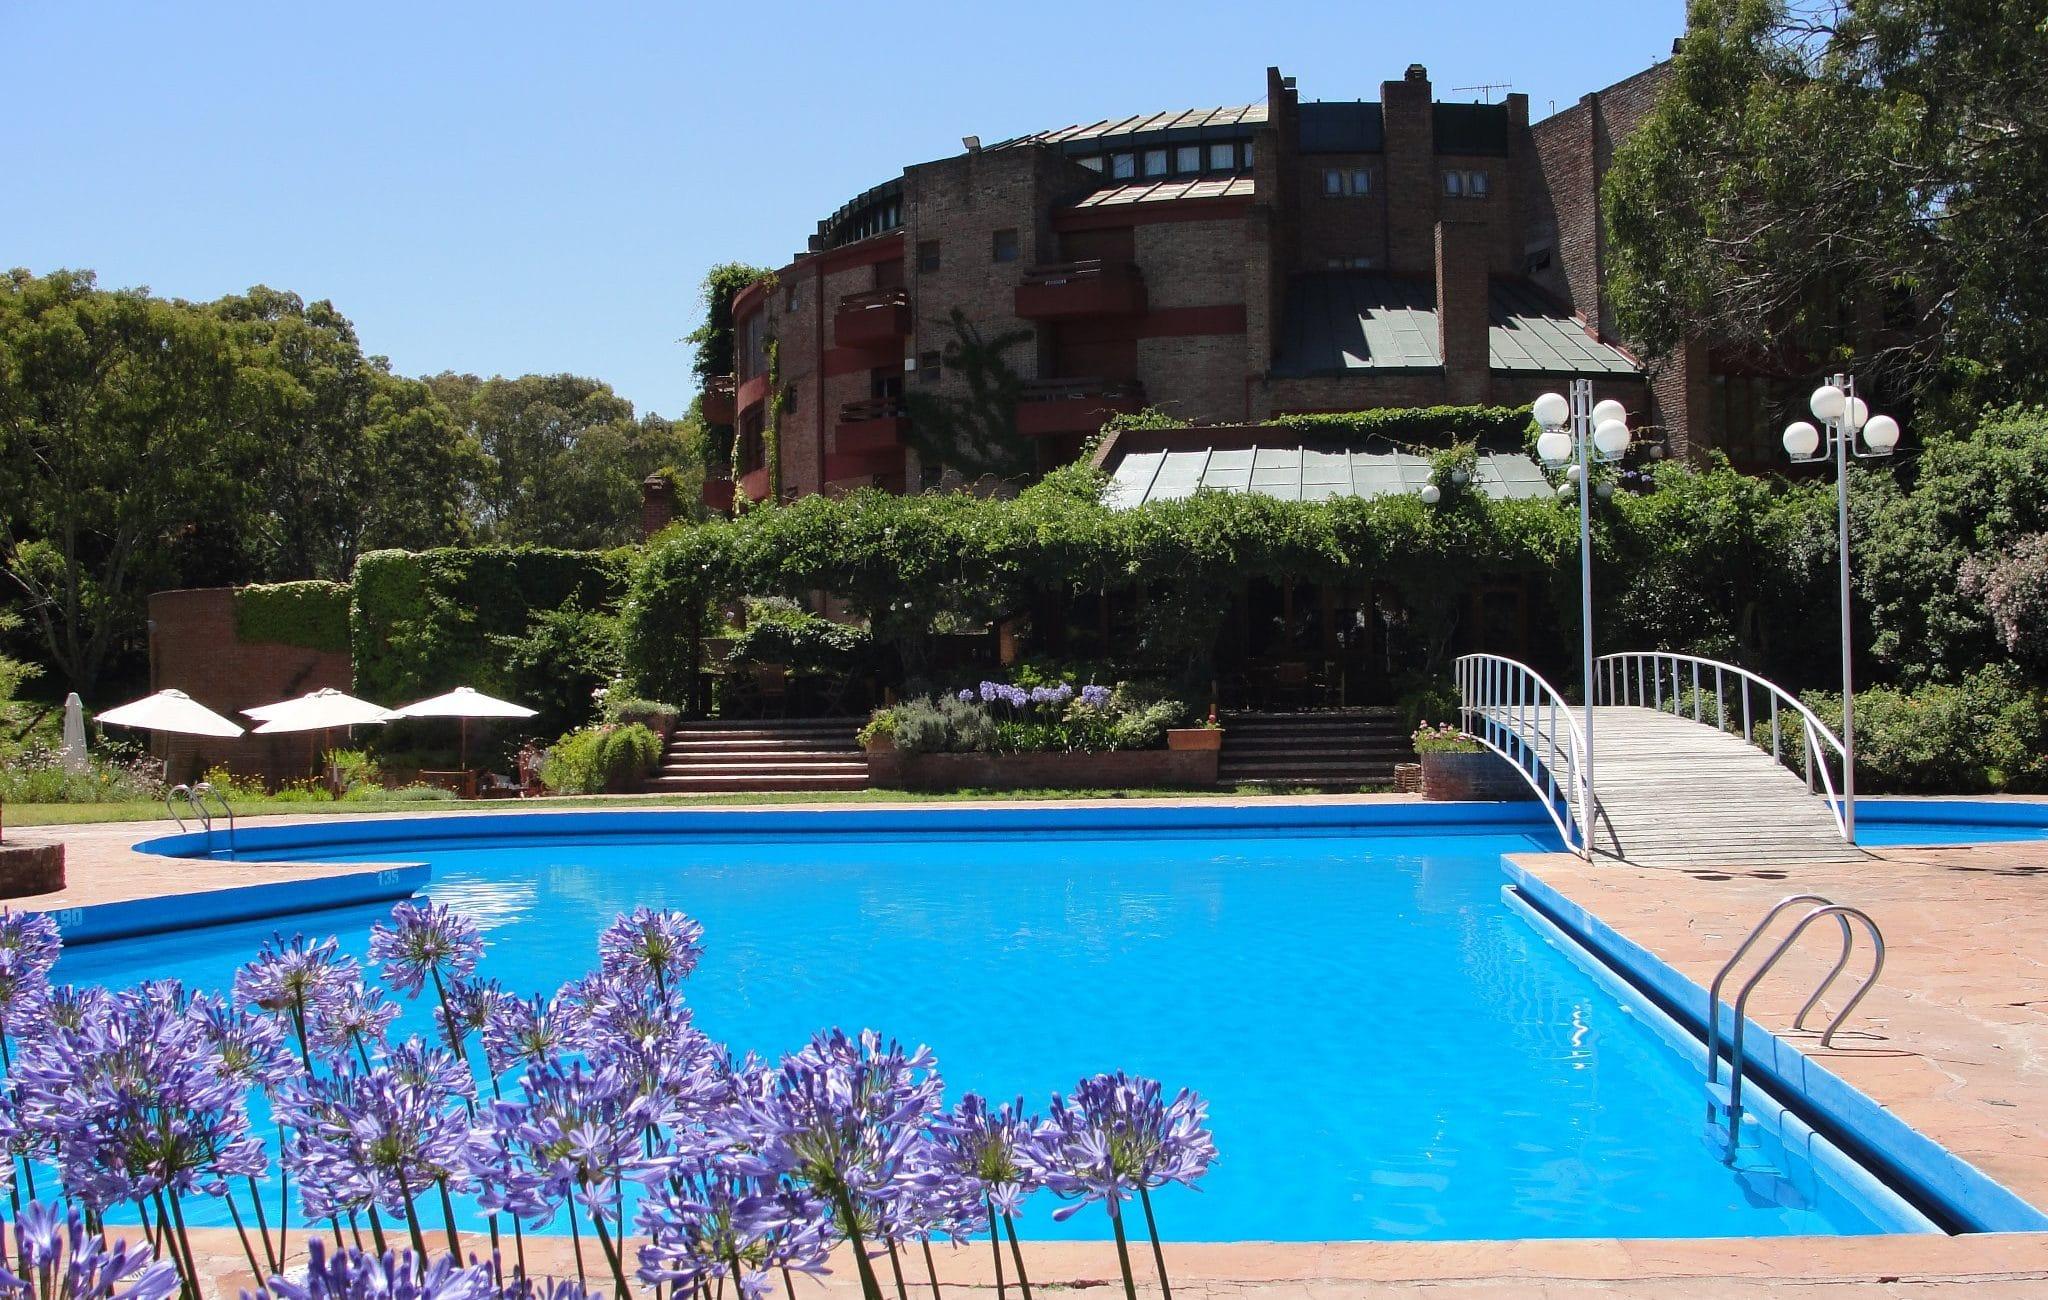 8 hoteles para ir con ni os en argentina etapa infantil - Hotel piscina toboganes para ninos ...